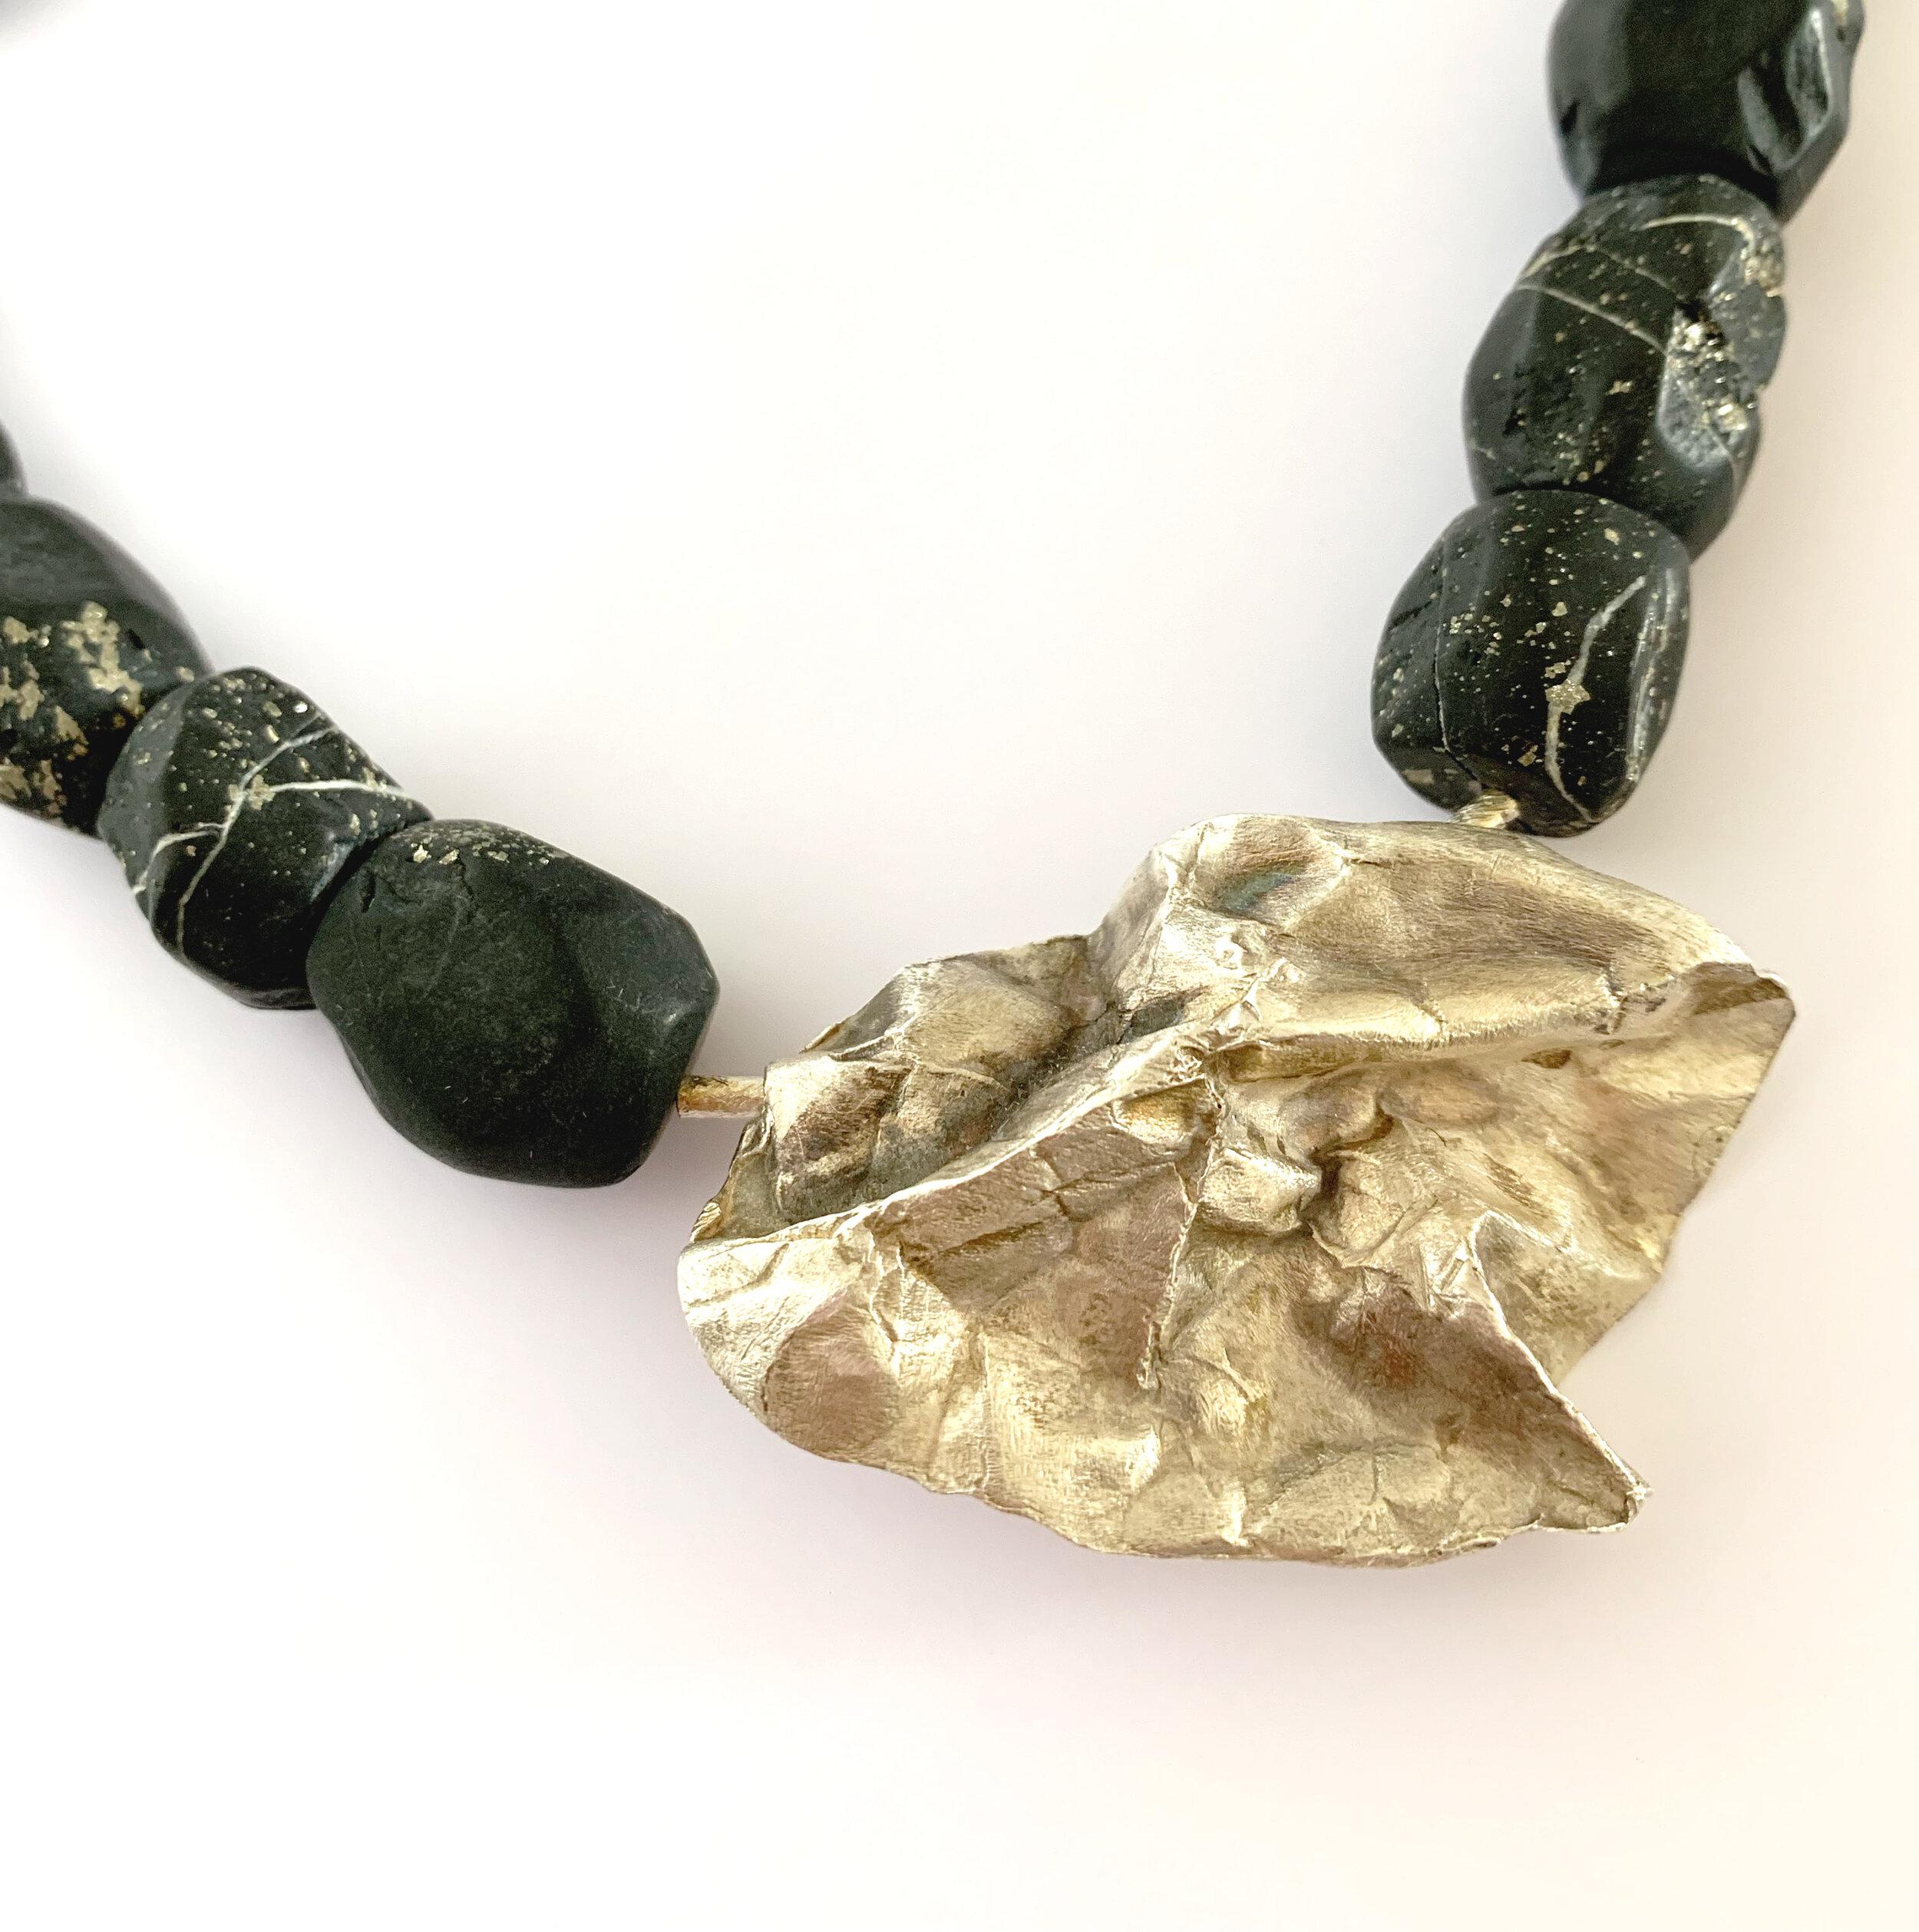 - Collier 2:Onyx mit Pyrit und handgearbeiteter Anhänger in Feinsilber.Hier anfragen.